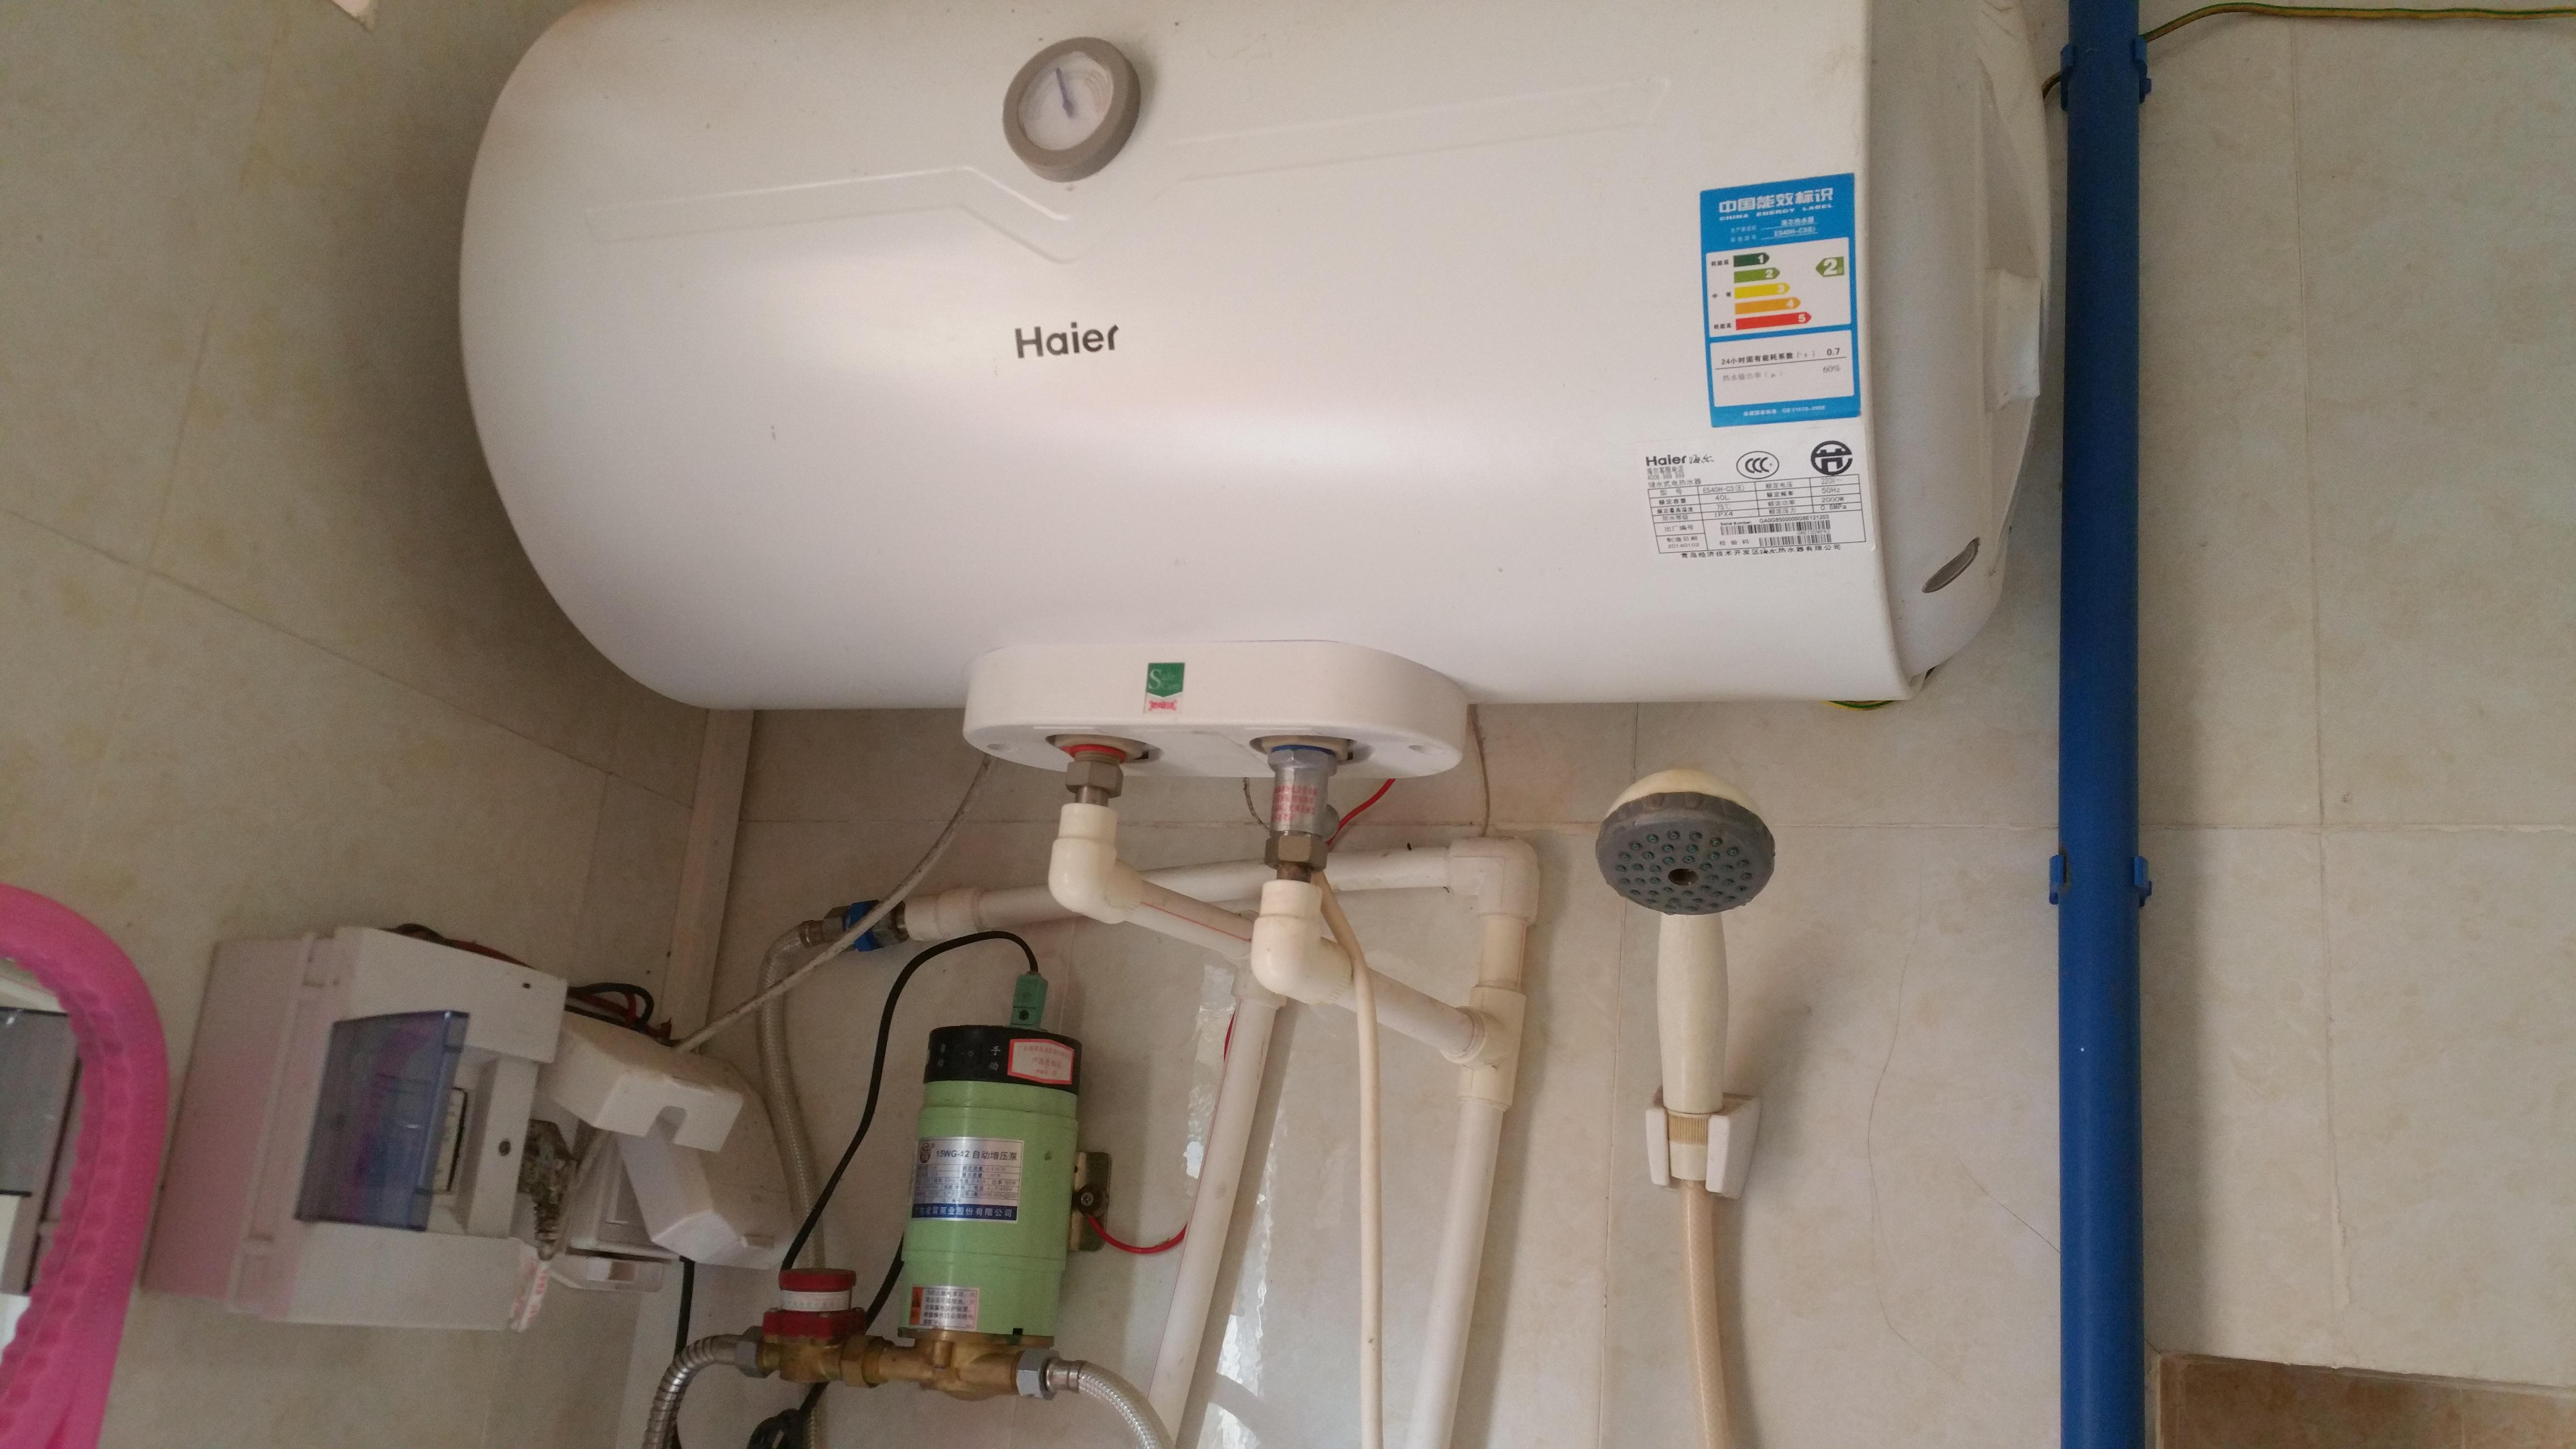 文昌上门安装 电热水器安装  上门安装电热水器(水管和电线已经具备图片